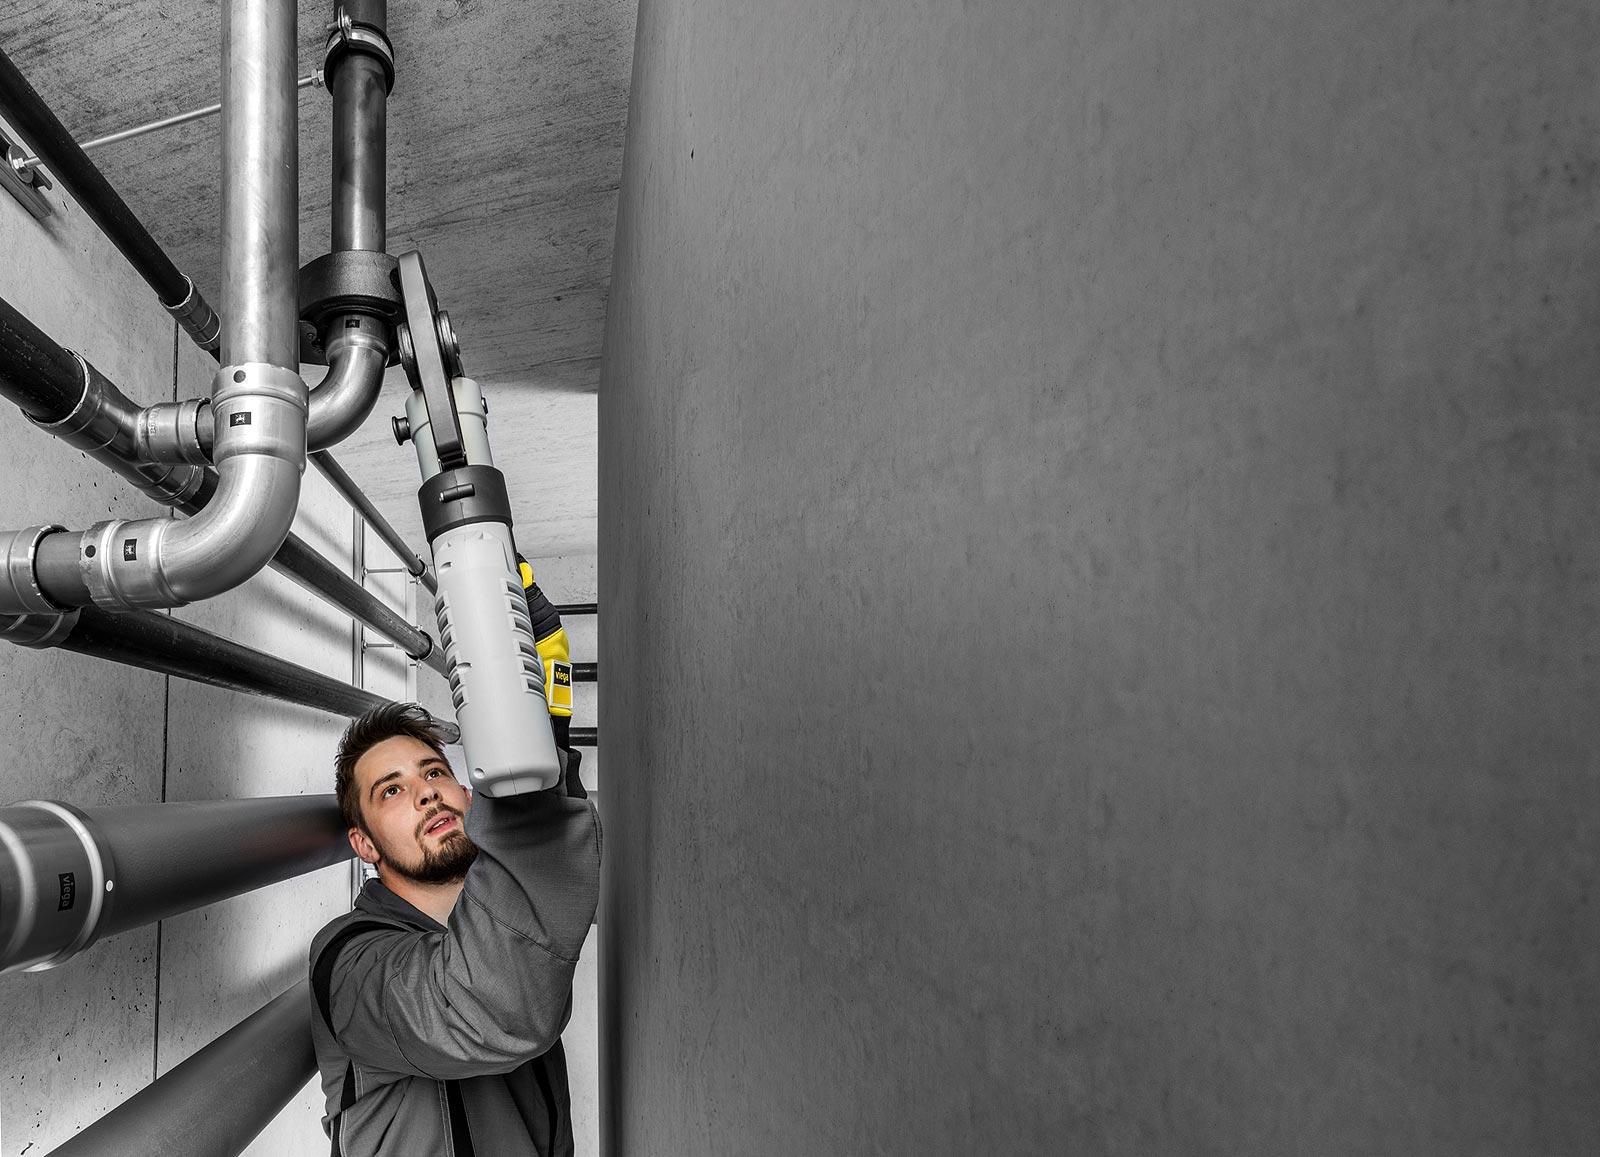 Ergonomiczne zaciskarki Pressgun doskonale sprawdzają się podczas pracy w wąskich kanałach instalacyjnych i podczas wykonywania połączeń ponad głową.